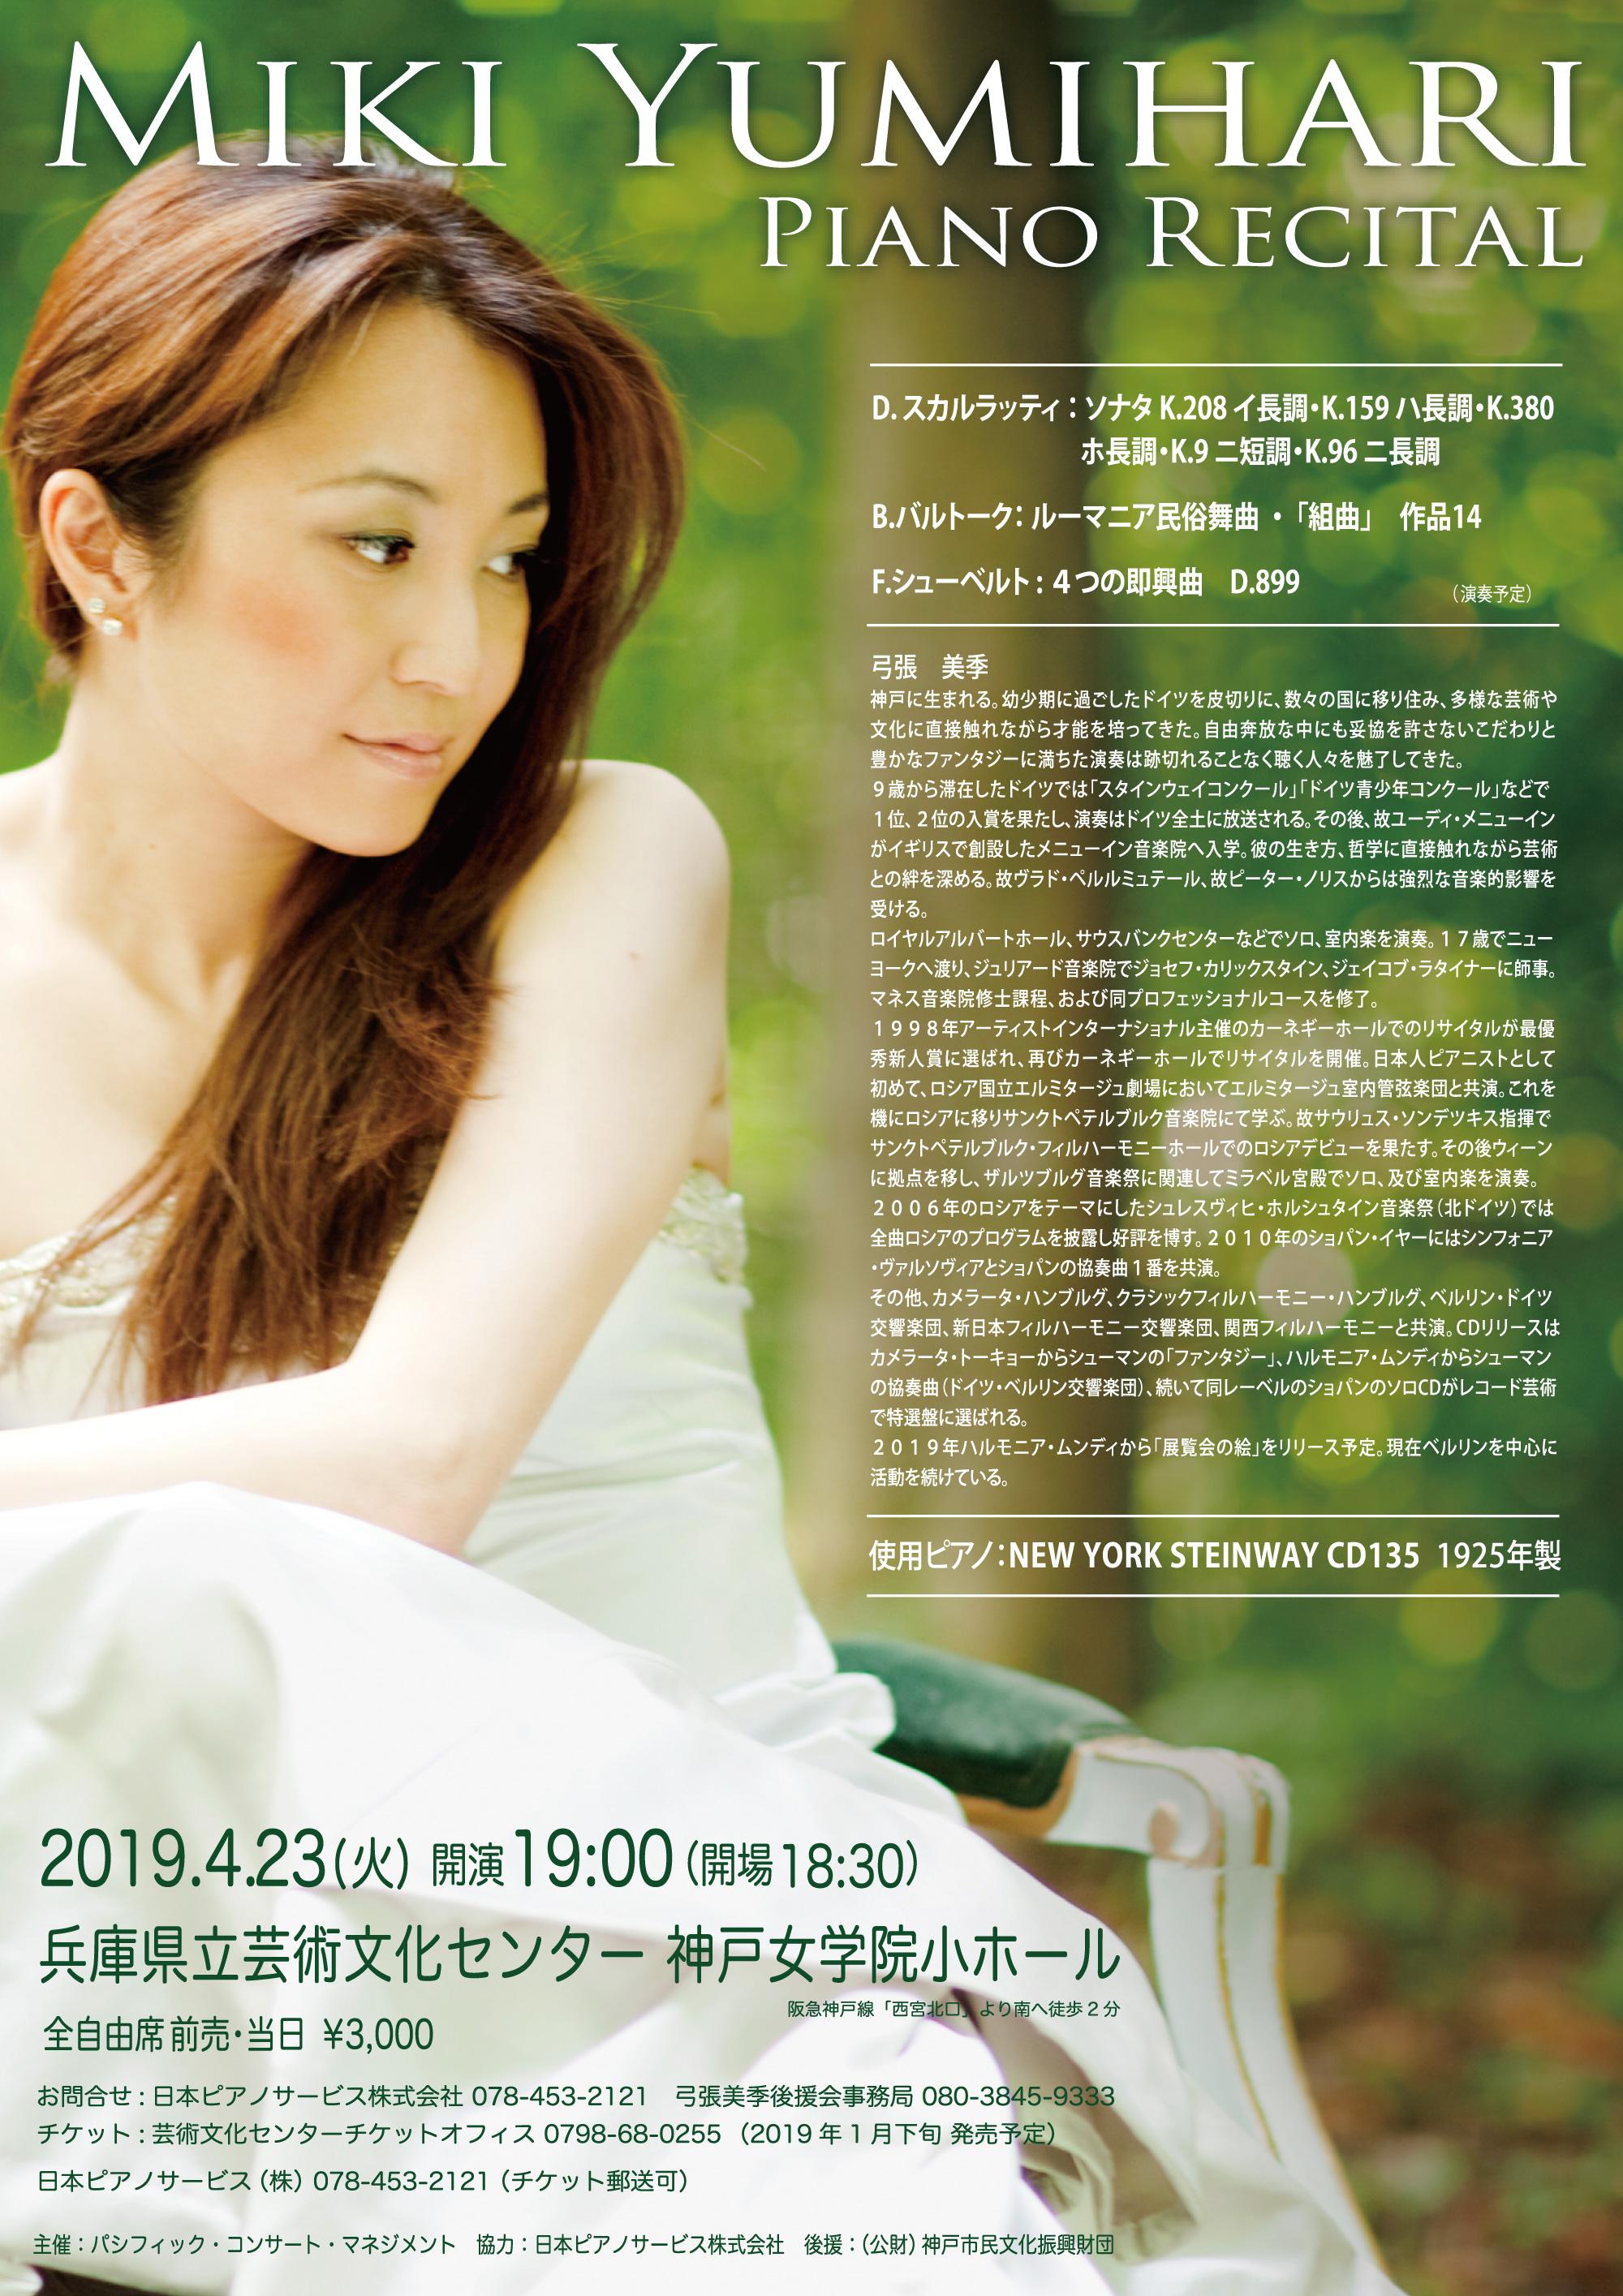 A4_tate19芸文チラシアウトライン.jpg